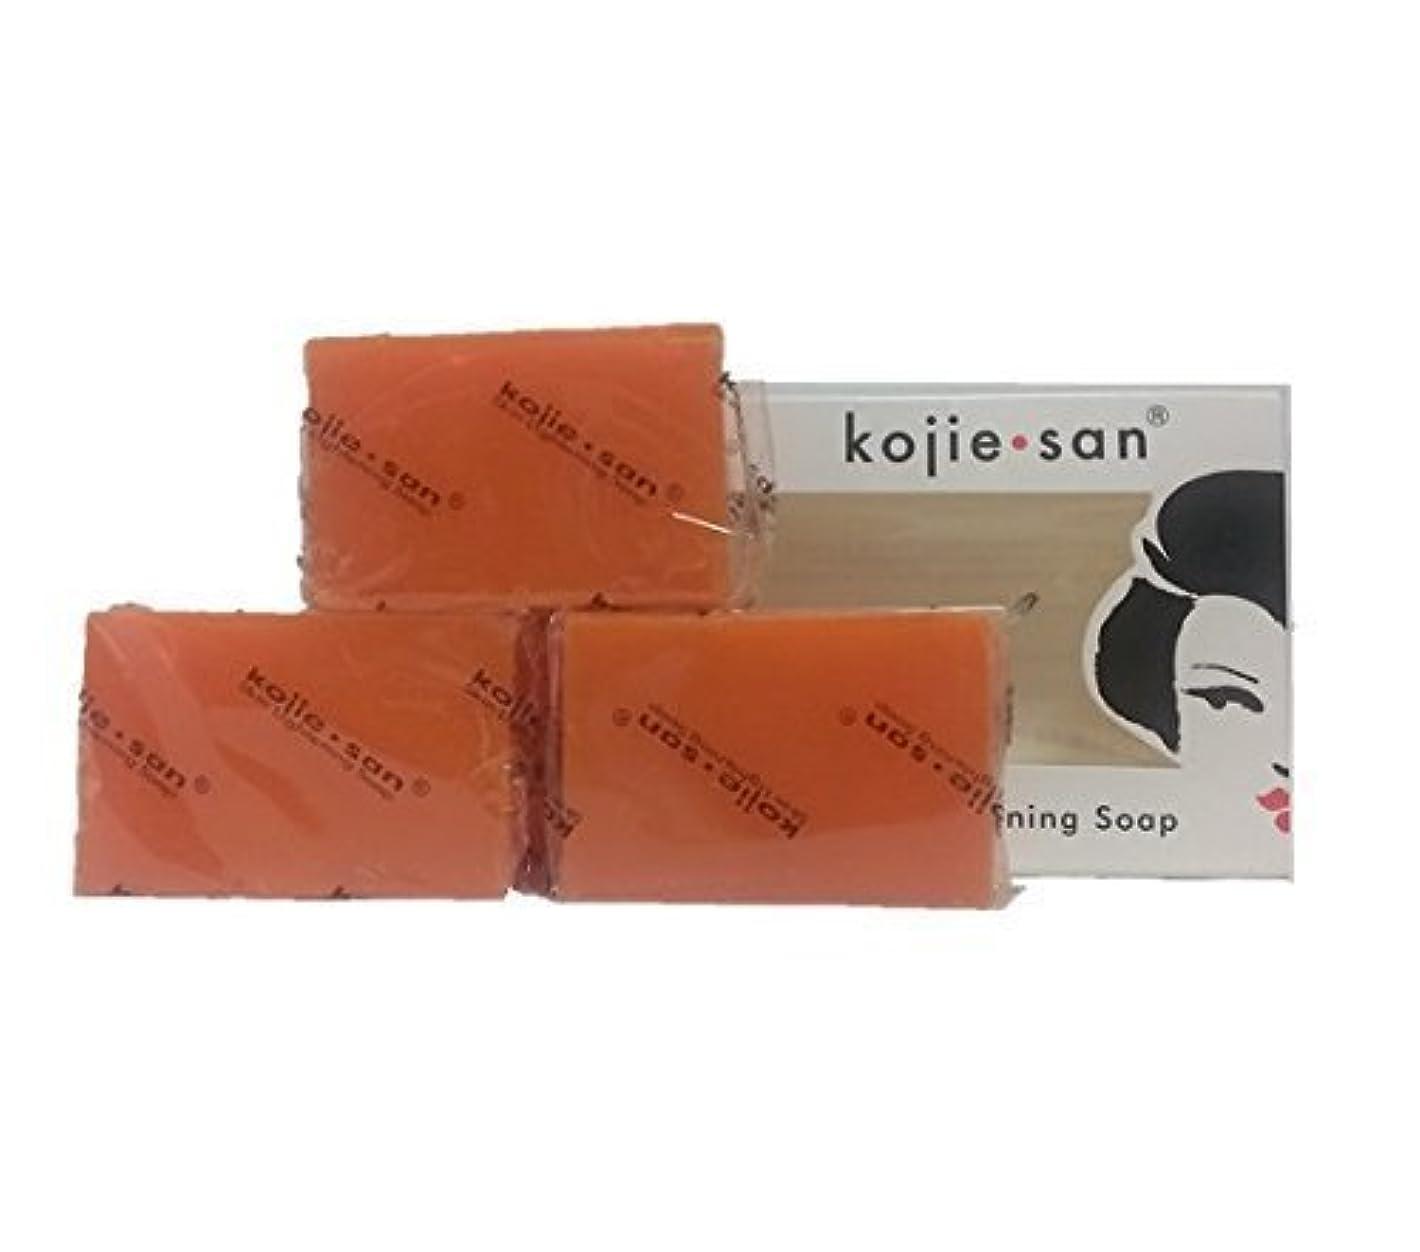 ブリード空虚有限Kojie san Skin Lightning Soap 3 pcs こじえさんスキンライトニングソープ3個パック [並行輸入品]